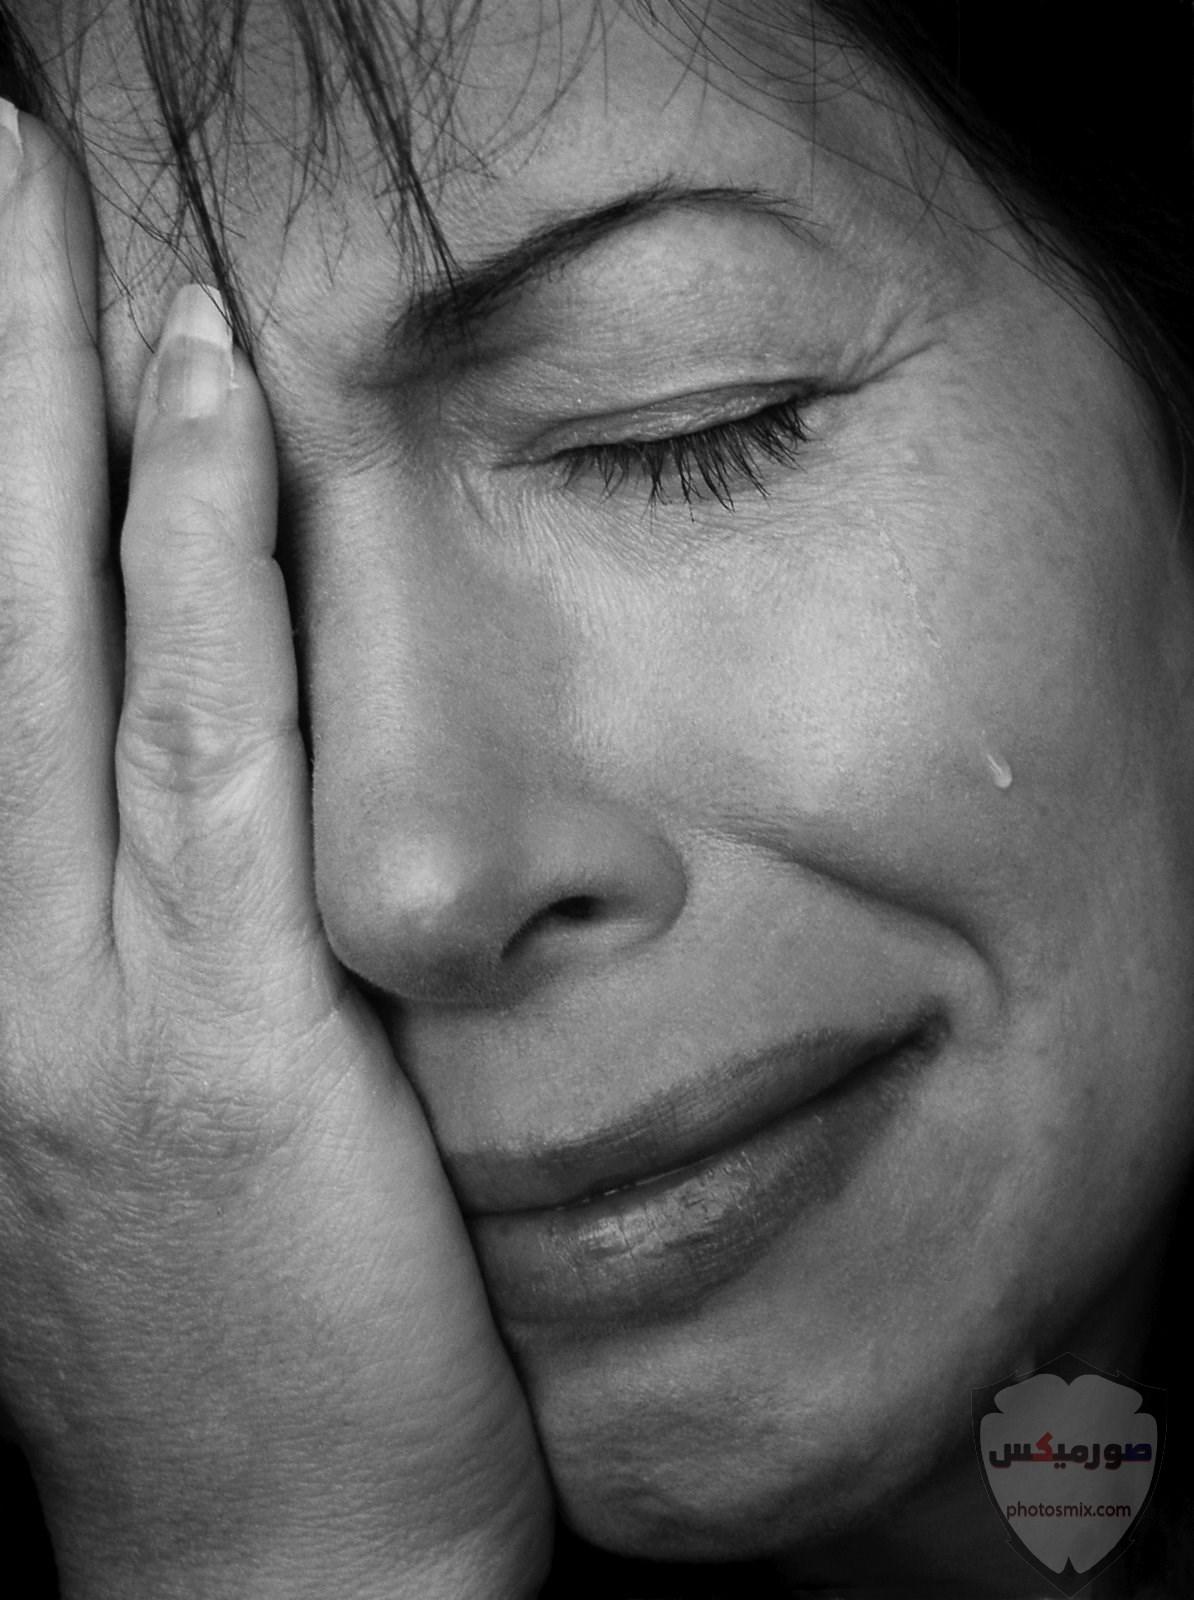 صور حزن جديدة 2020، صور دموع ، عبارات حزينة ، صور زعل مكتوب عليها كلام حزين 17